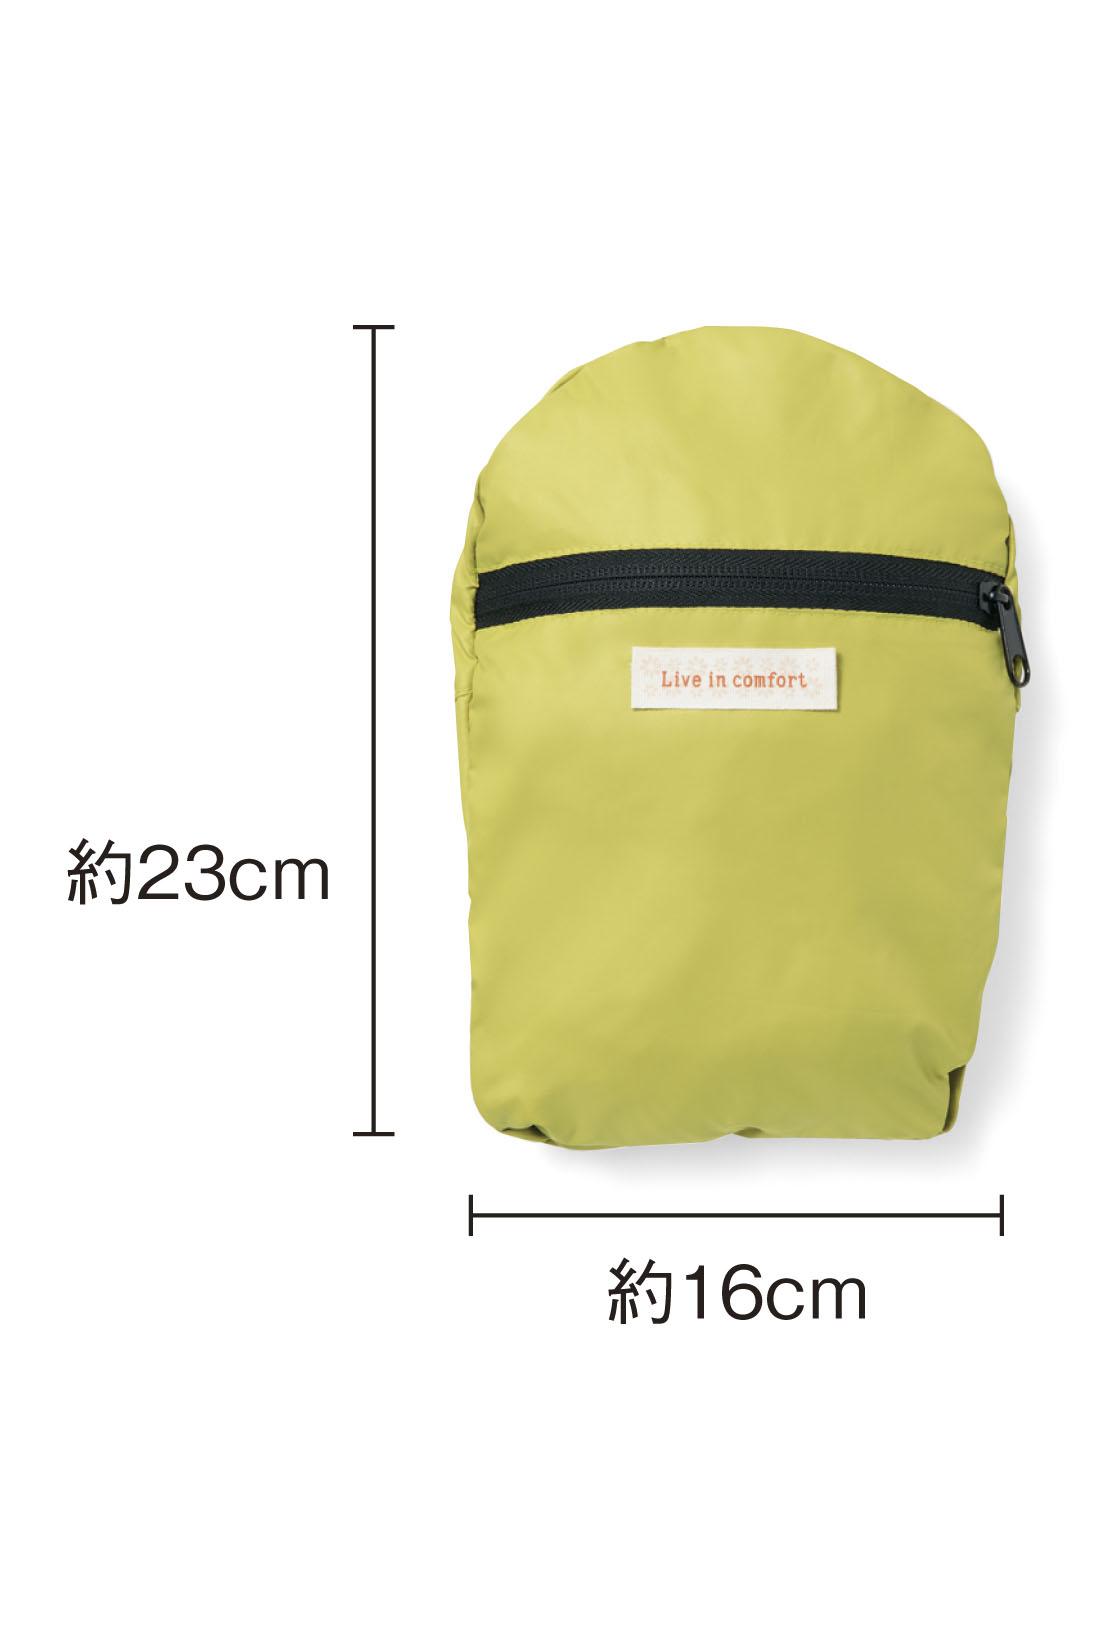 小さくたためばこのとおり!いつものバッグに常にしのばせて。